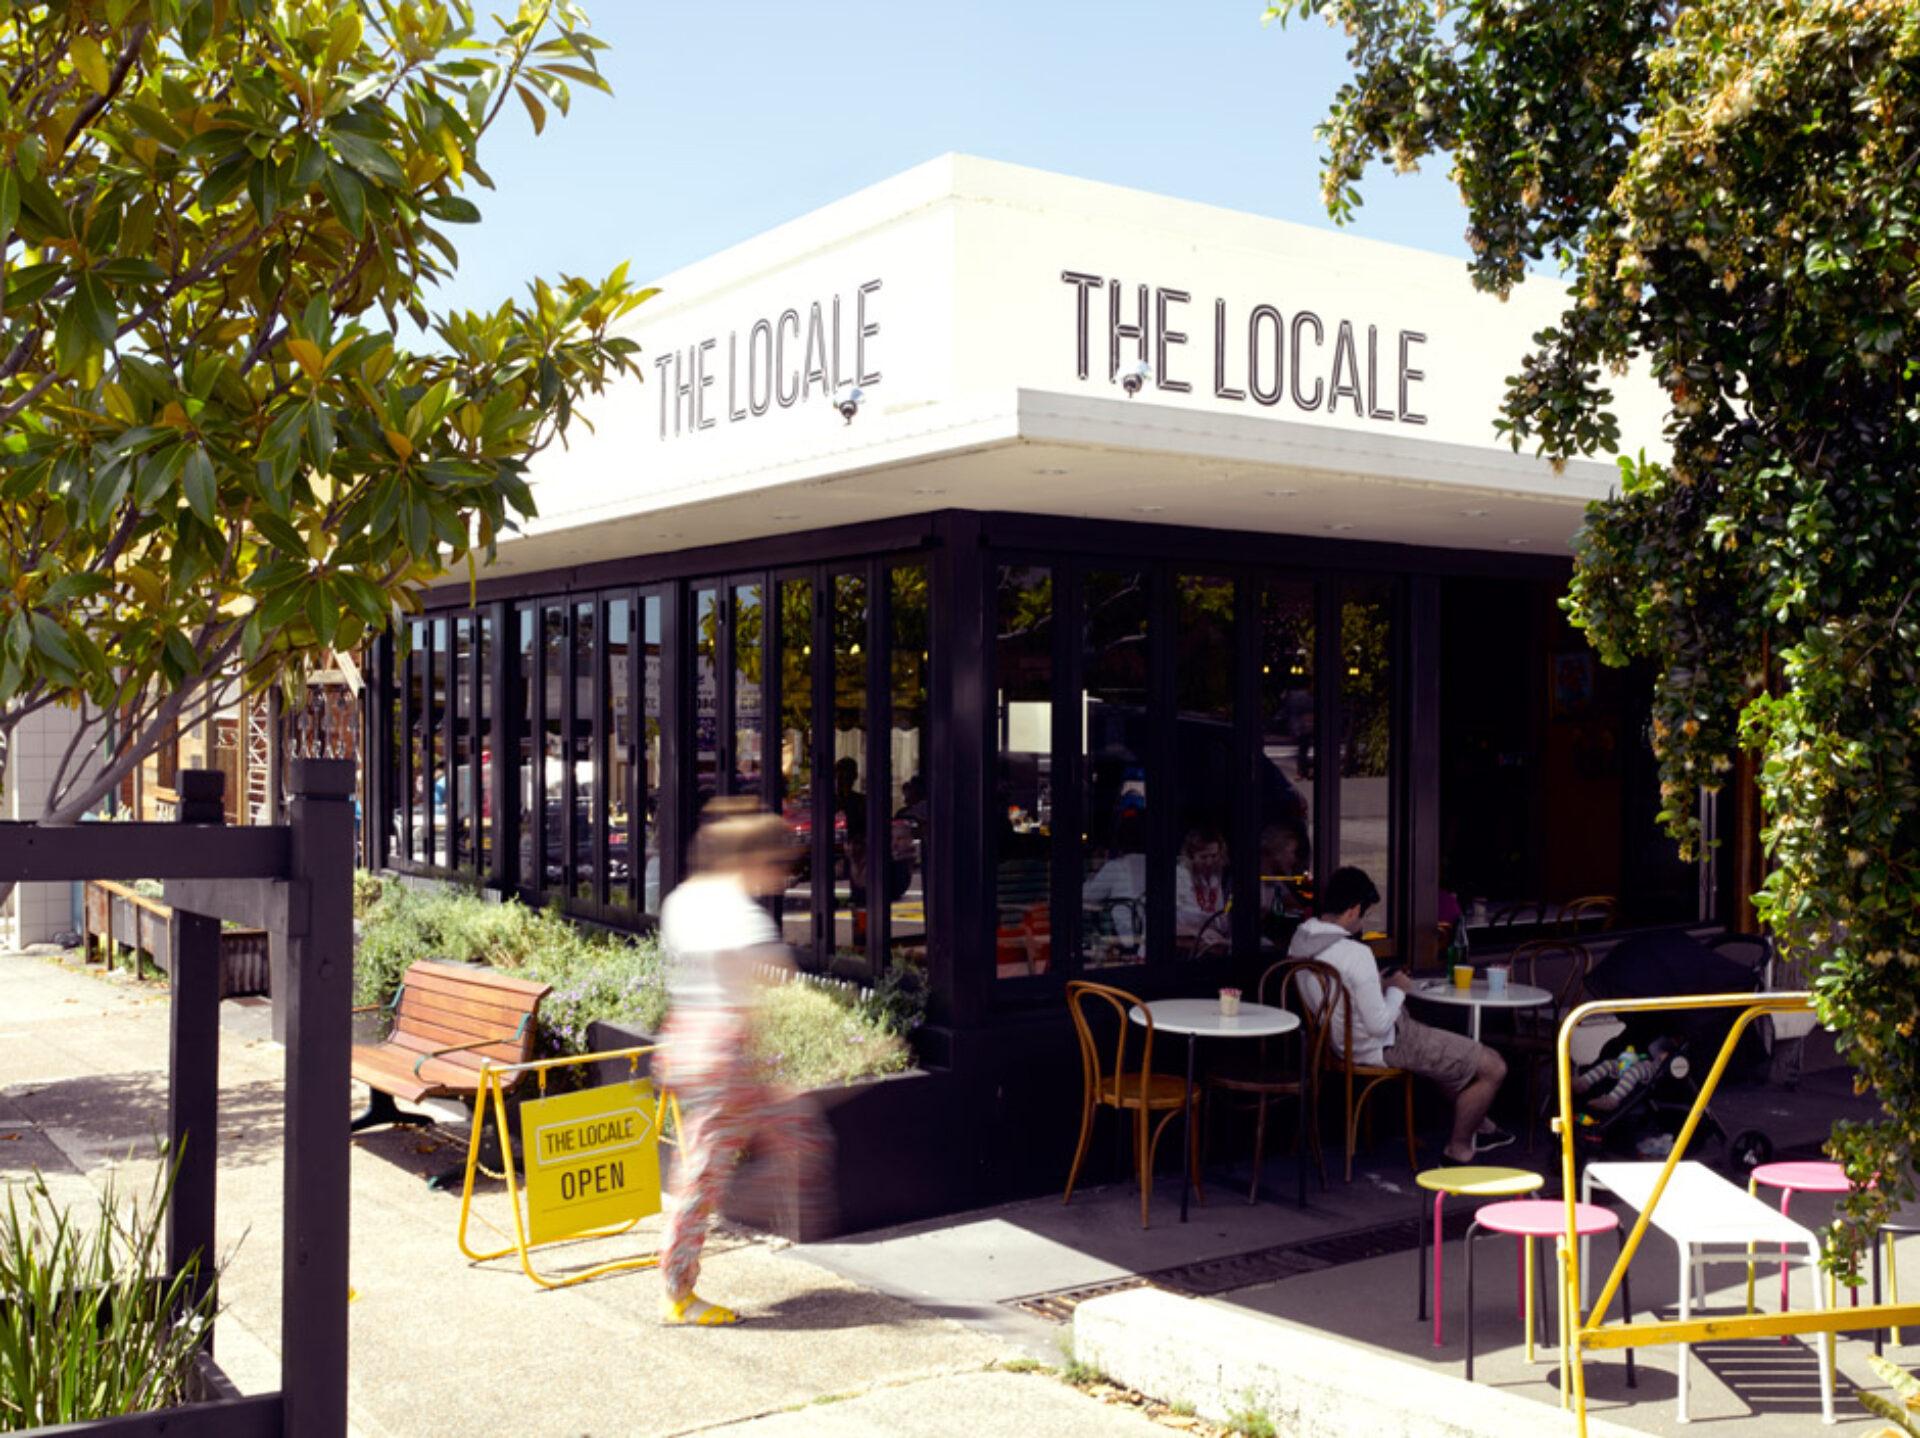 The locale 12